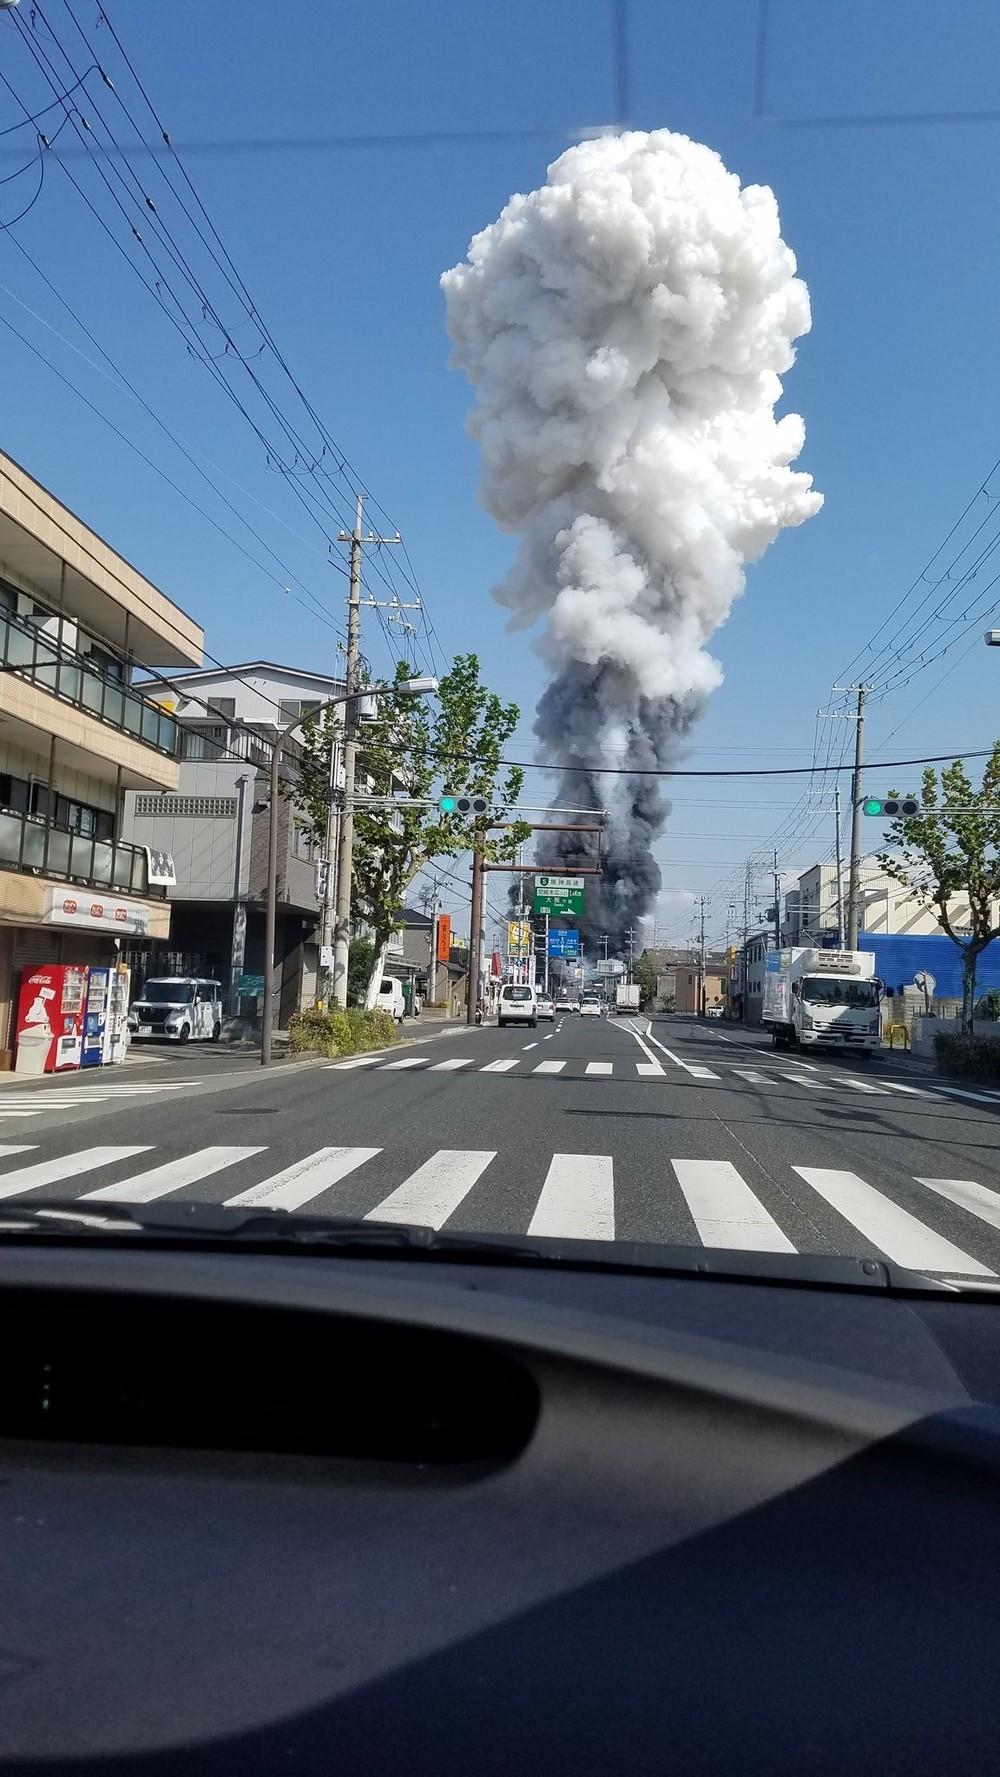 「どーーんと爆音、建物揺れた」「稲光のよう」 尼崎工場火災、目撃者が語る「爆発」の凄まじさ